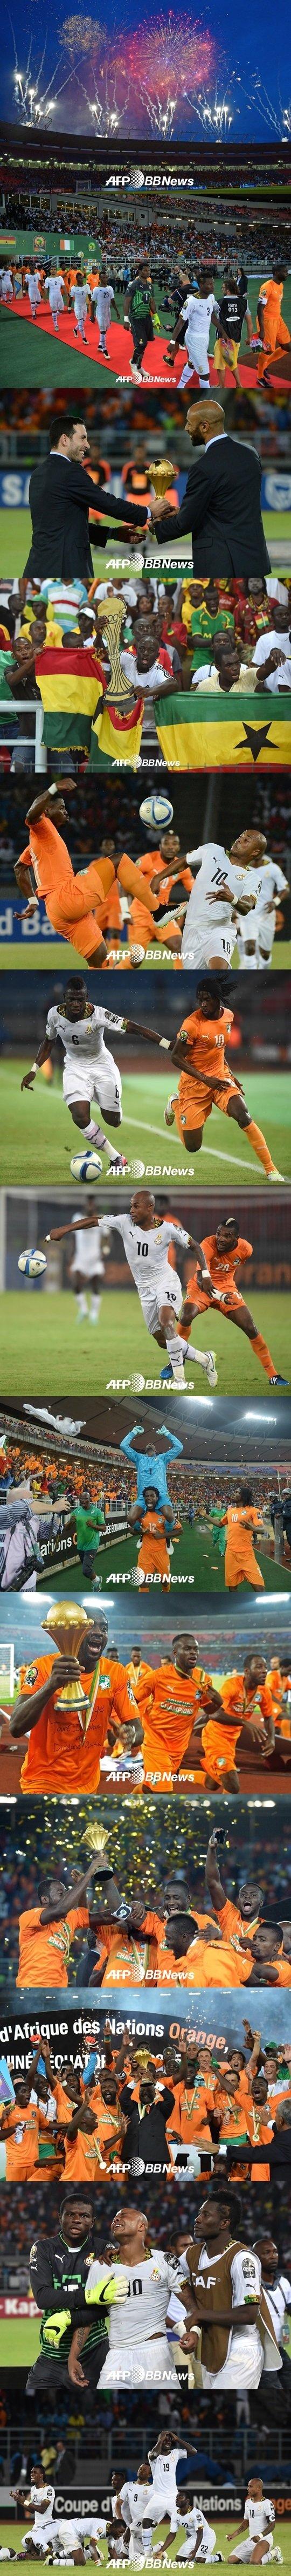 코트디부아르와 가나의 '2015 아프리카 네이션스컵' 결승전 주요 장면. /AFPBBNews=뉴스1<br /> <br />